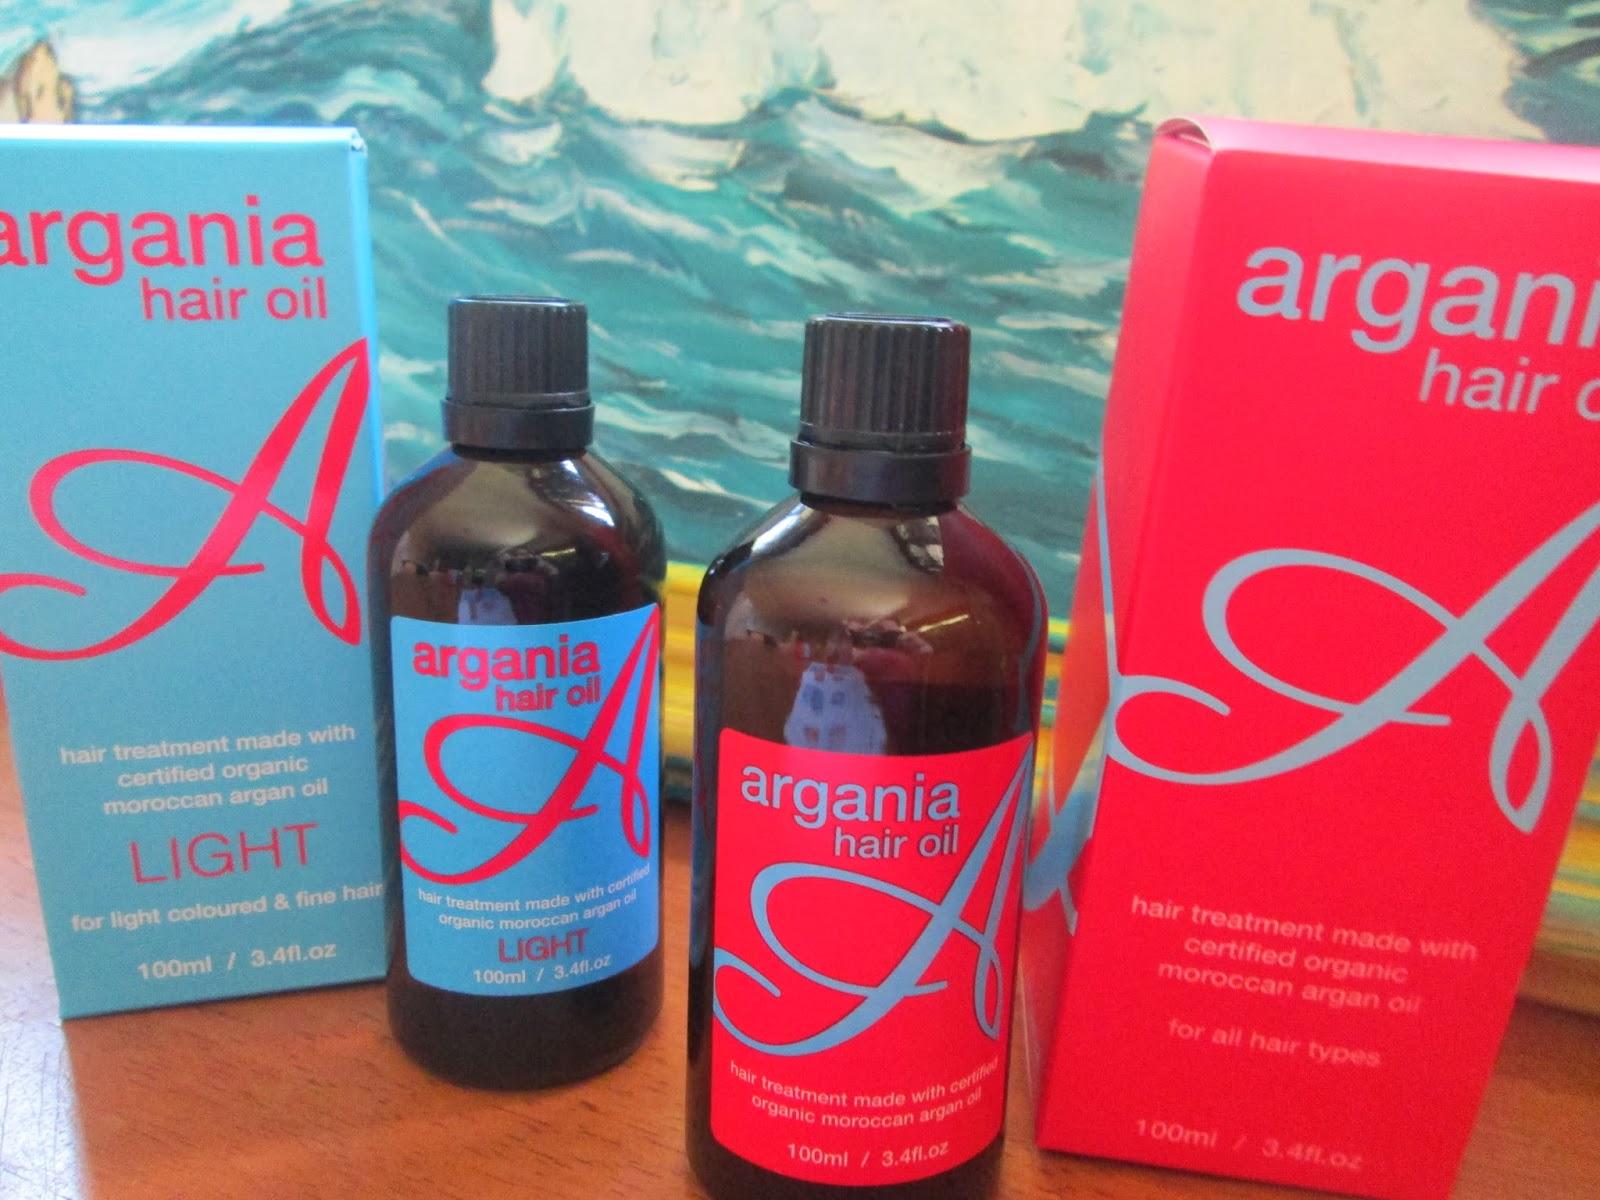 Argania oil